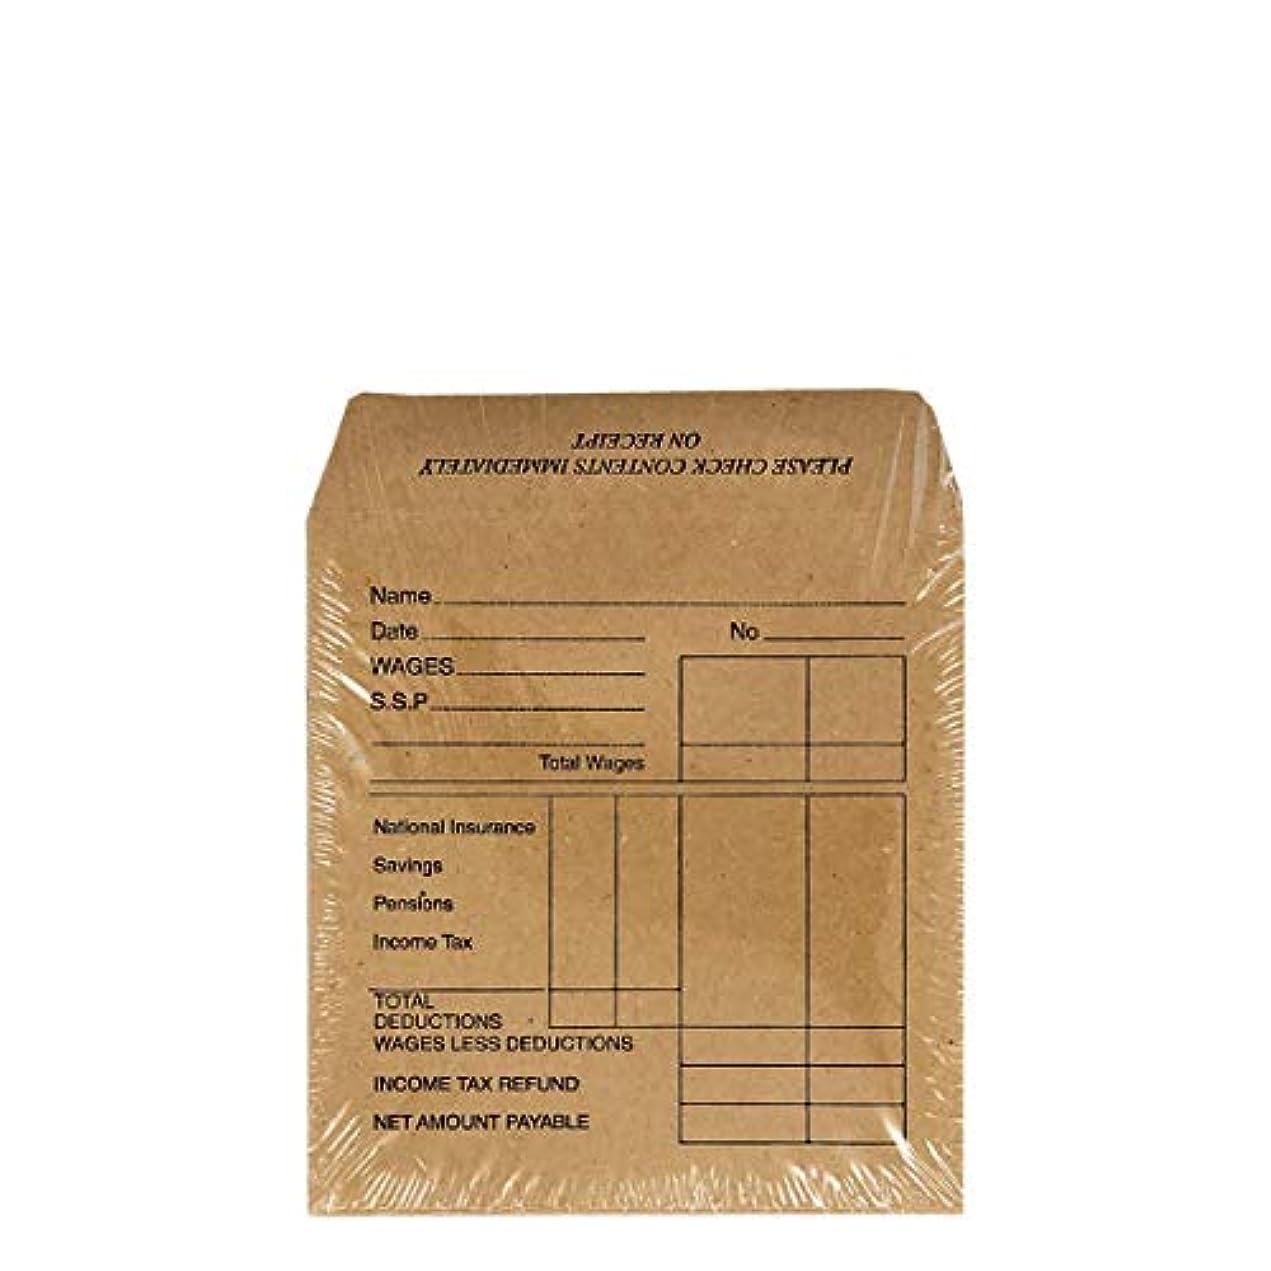 顔料独占逆アジェンダ サロンコンセプト 賃金支払い 封筒 50[海外直送品] [並行輸入品]